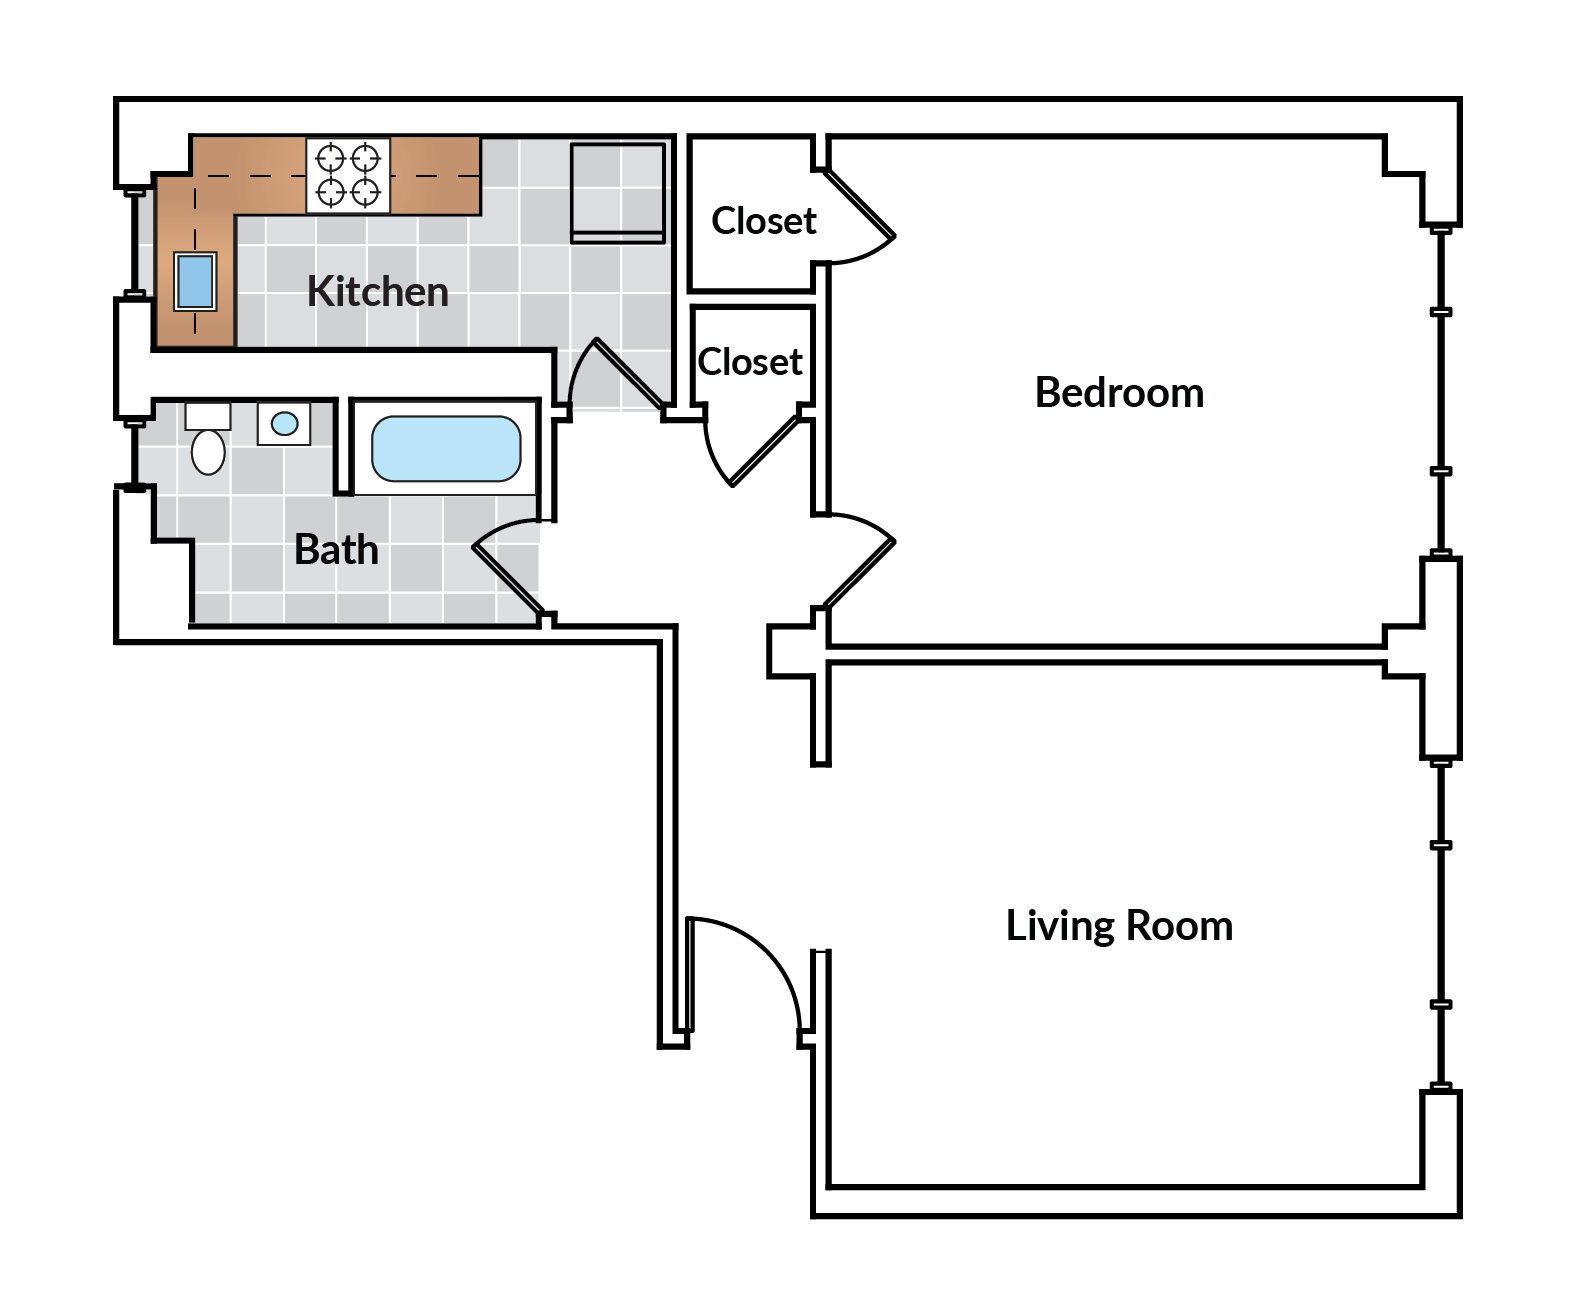 1 Bedroom 03 Tier